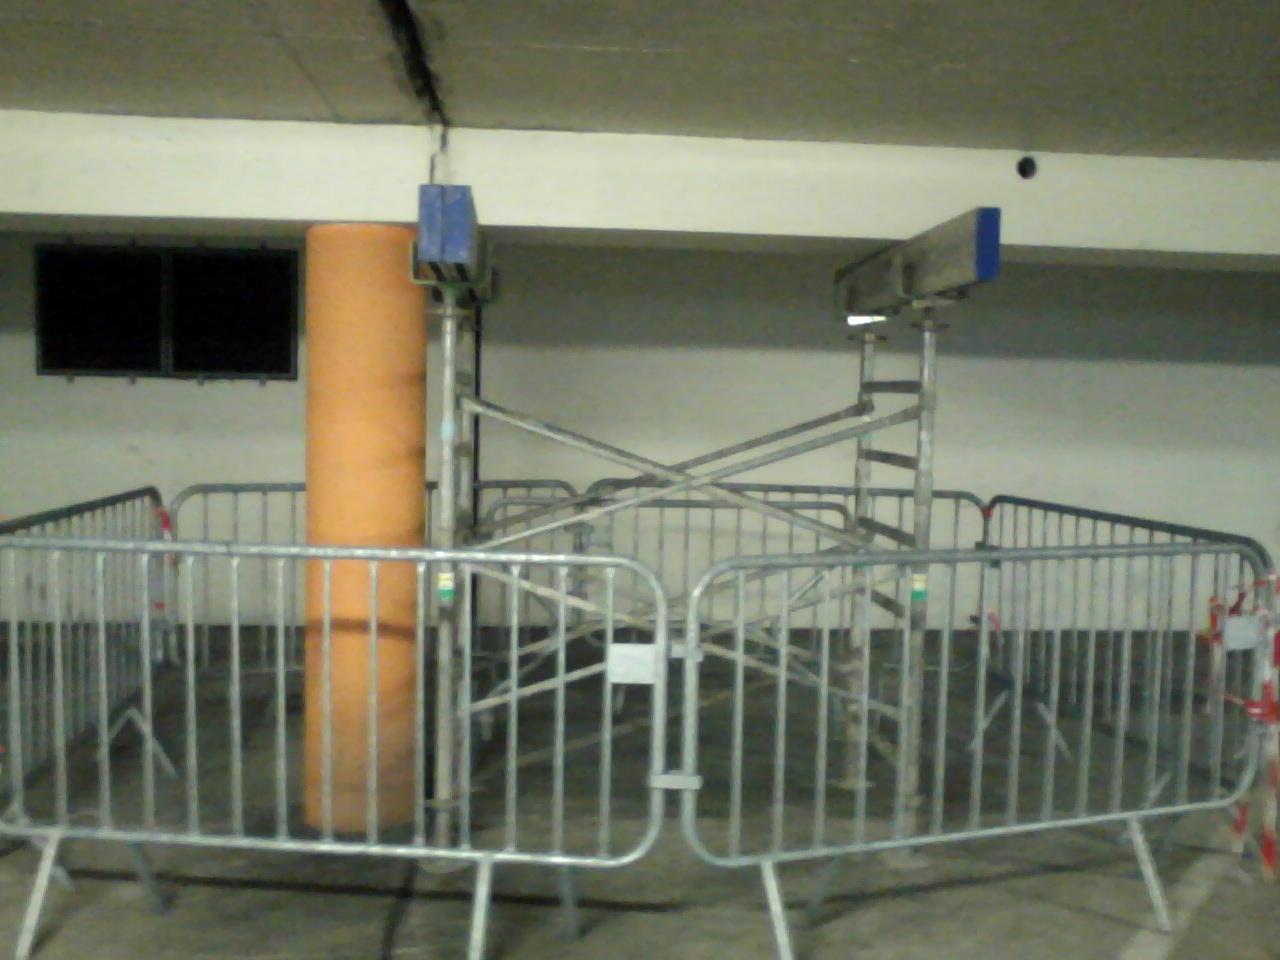 L'ouvrage souterrain a été étayé afin d'empêcher l'effondrement (Photos © D.R.)